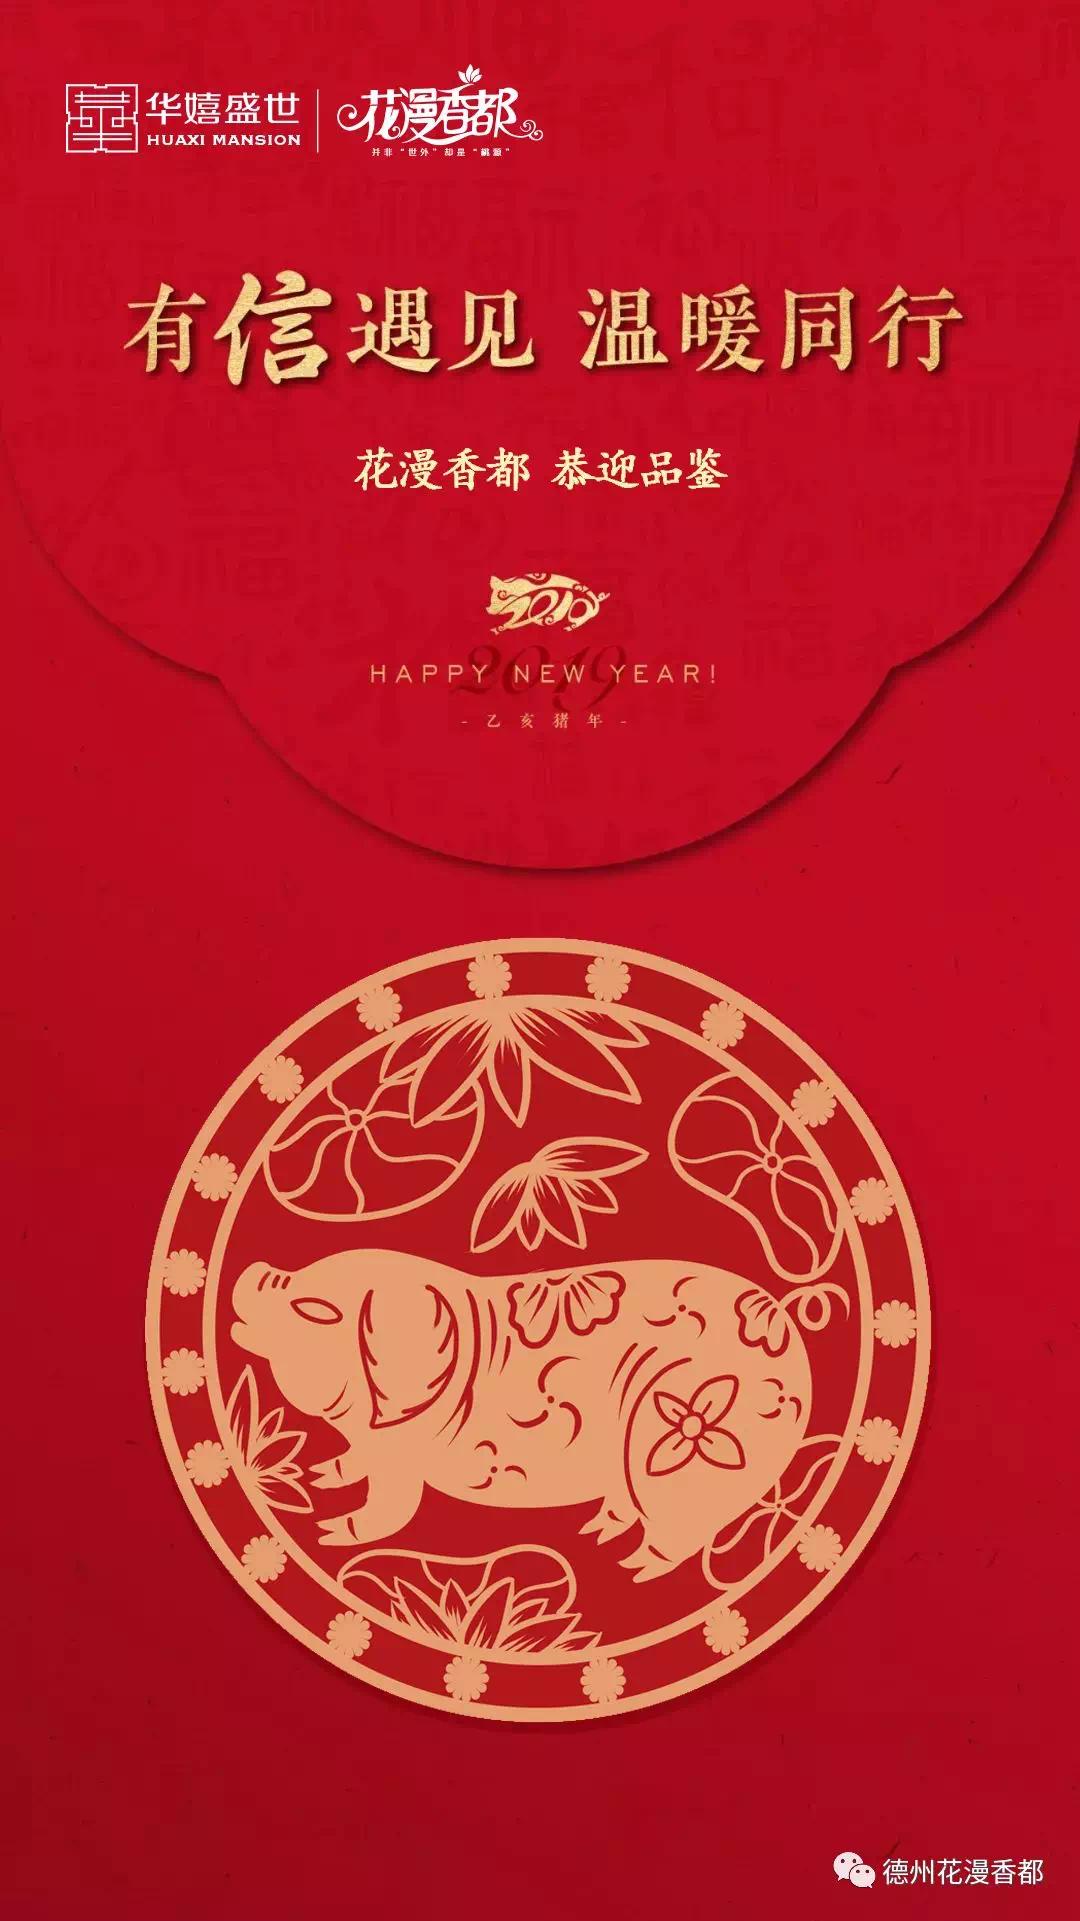 """花漫香都:欢天喜地迎新春,祝大家2019""""猪""""事大吉"""